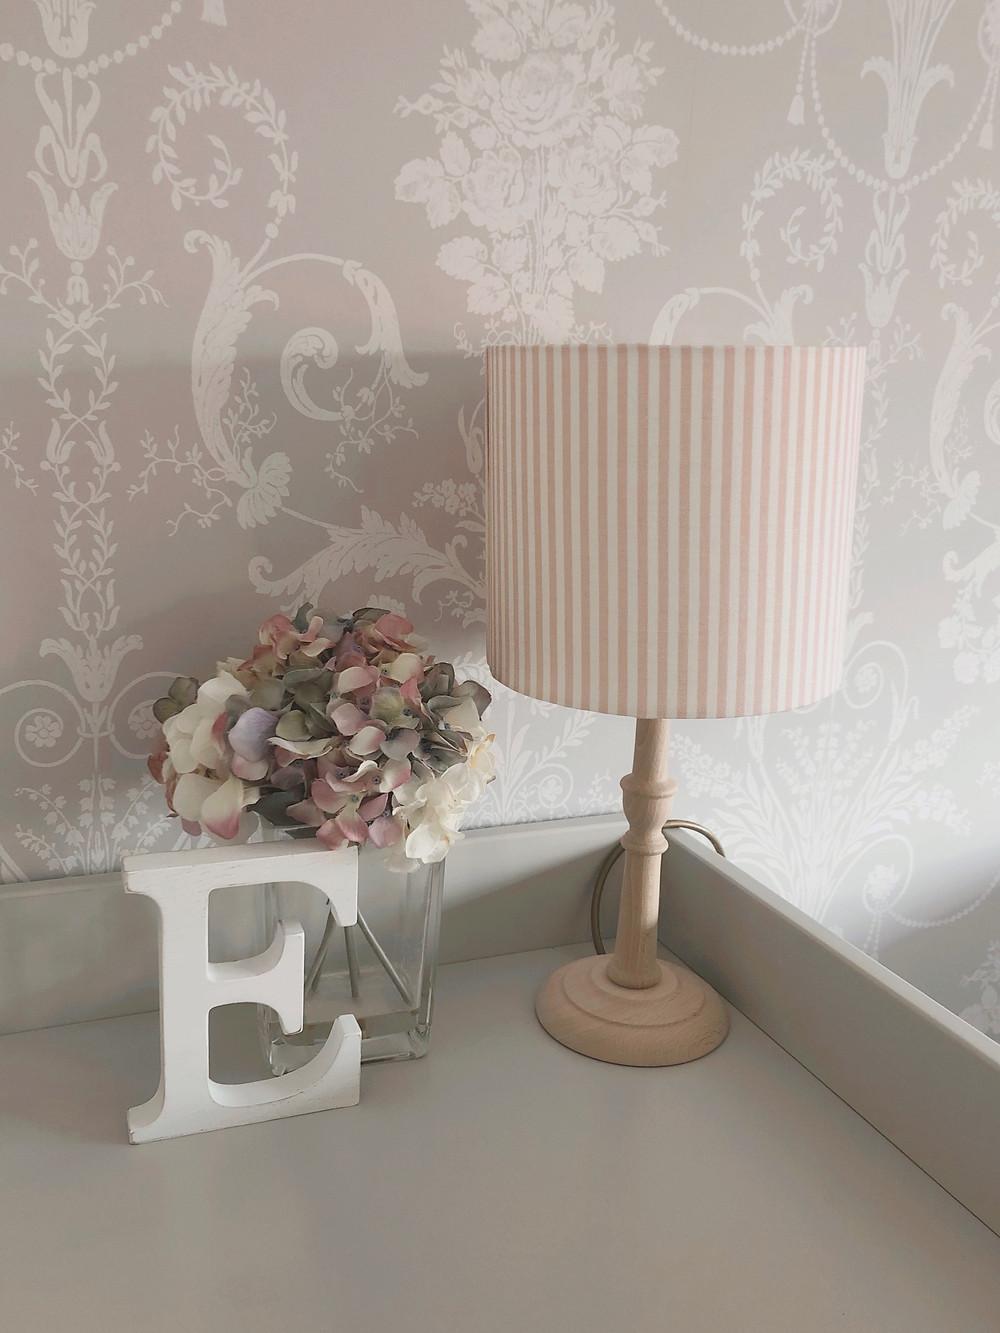 Molly & Lola handmade lampshade